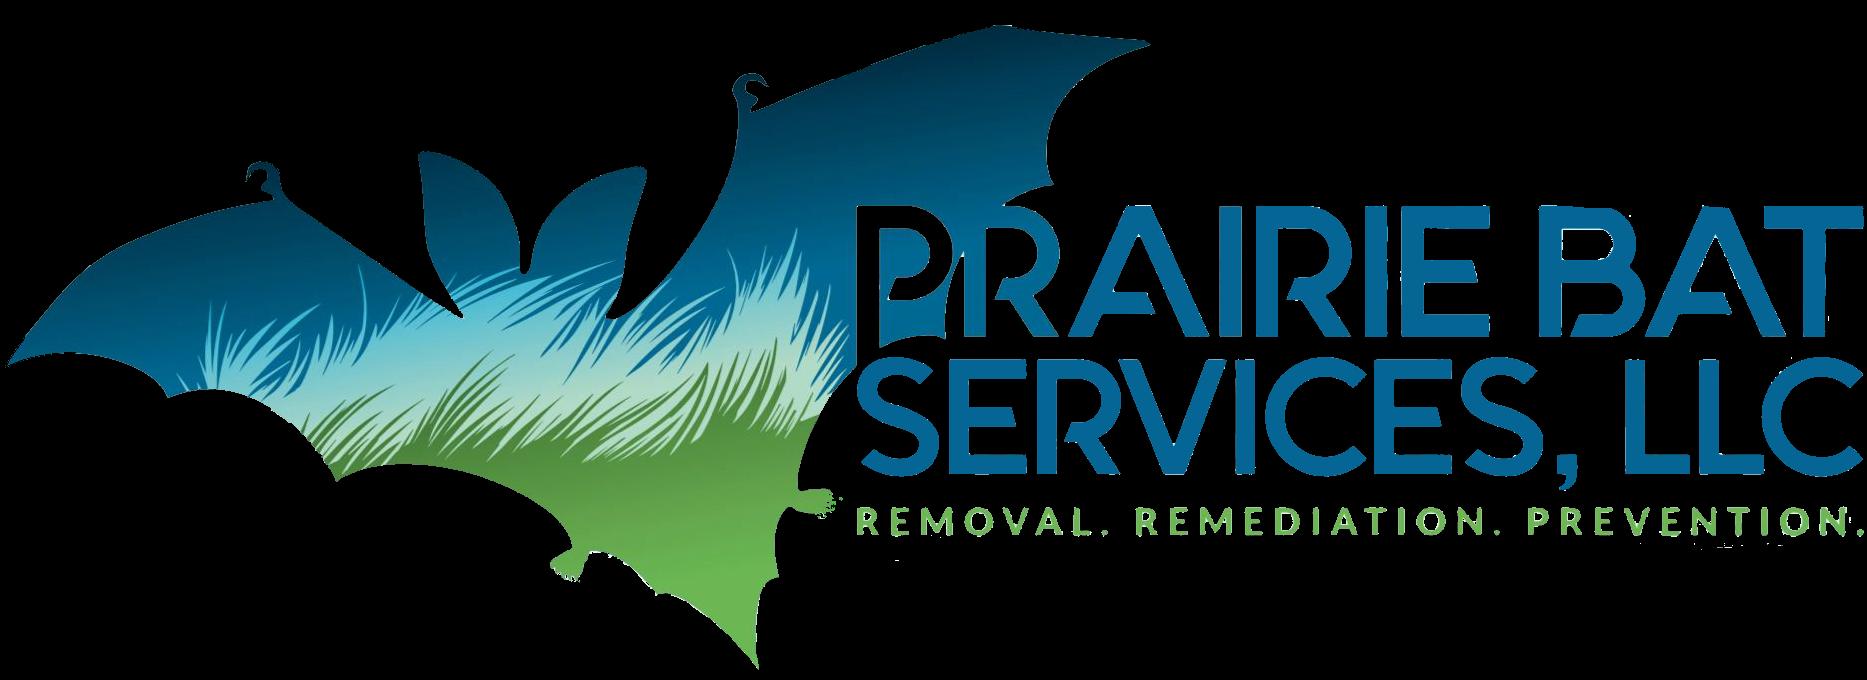 Prairie Bat Services, LLC